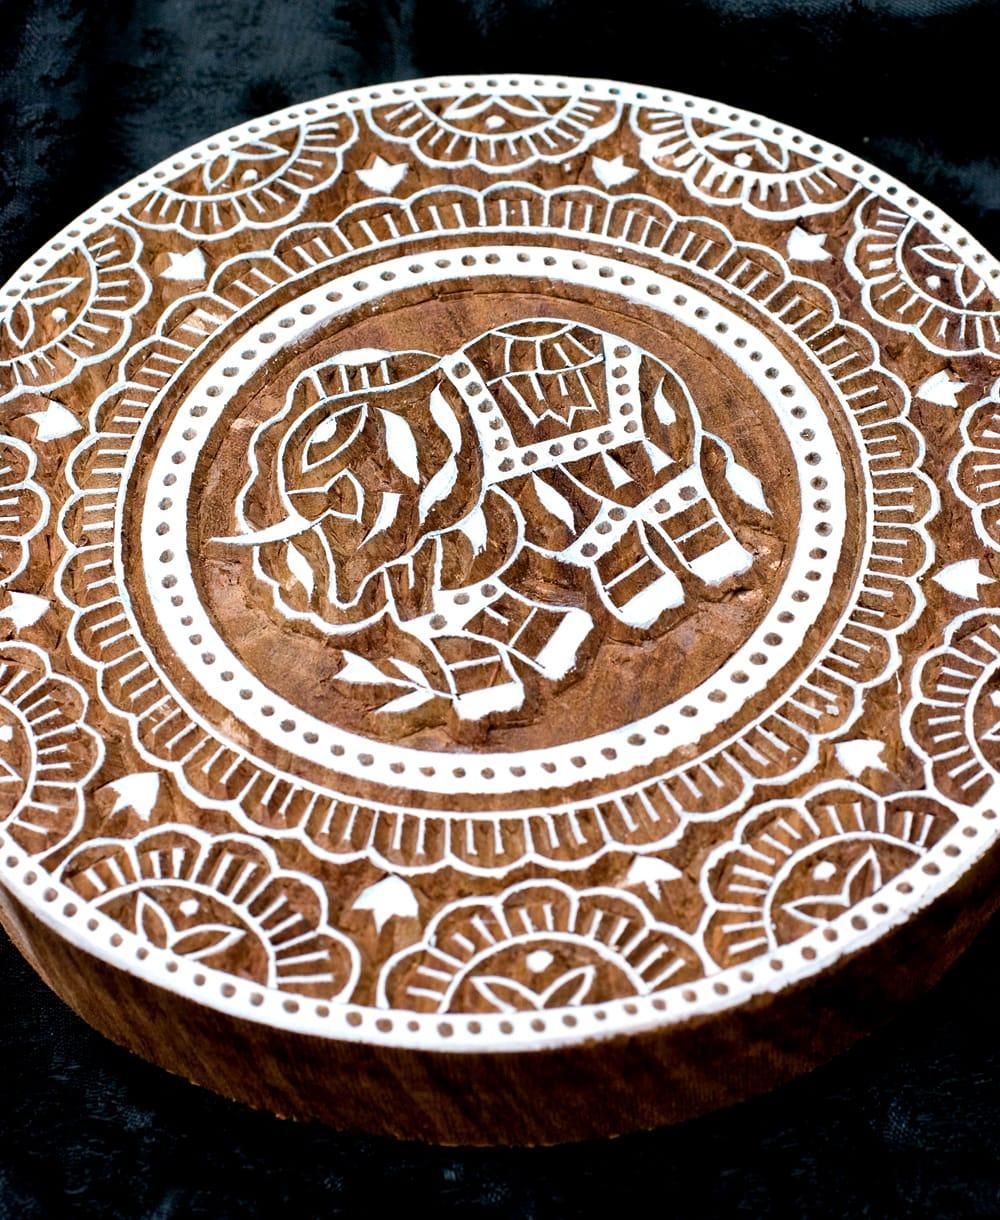 象とランゴリ模様のウッドブロックスタンプ-直径約17cm程度 2 - 丁寧に彫り込まれています